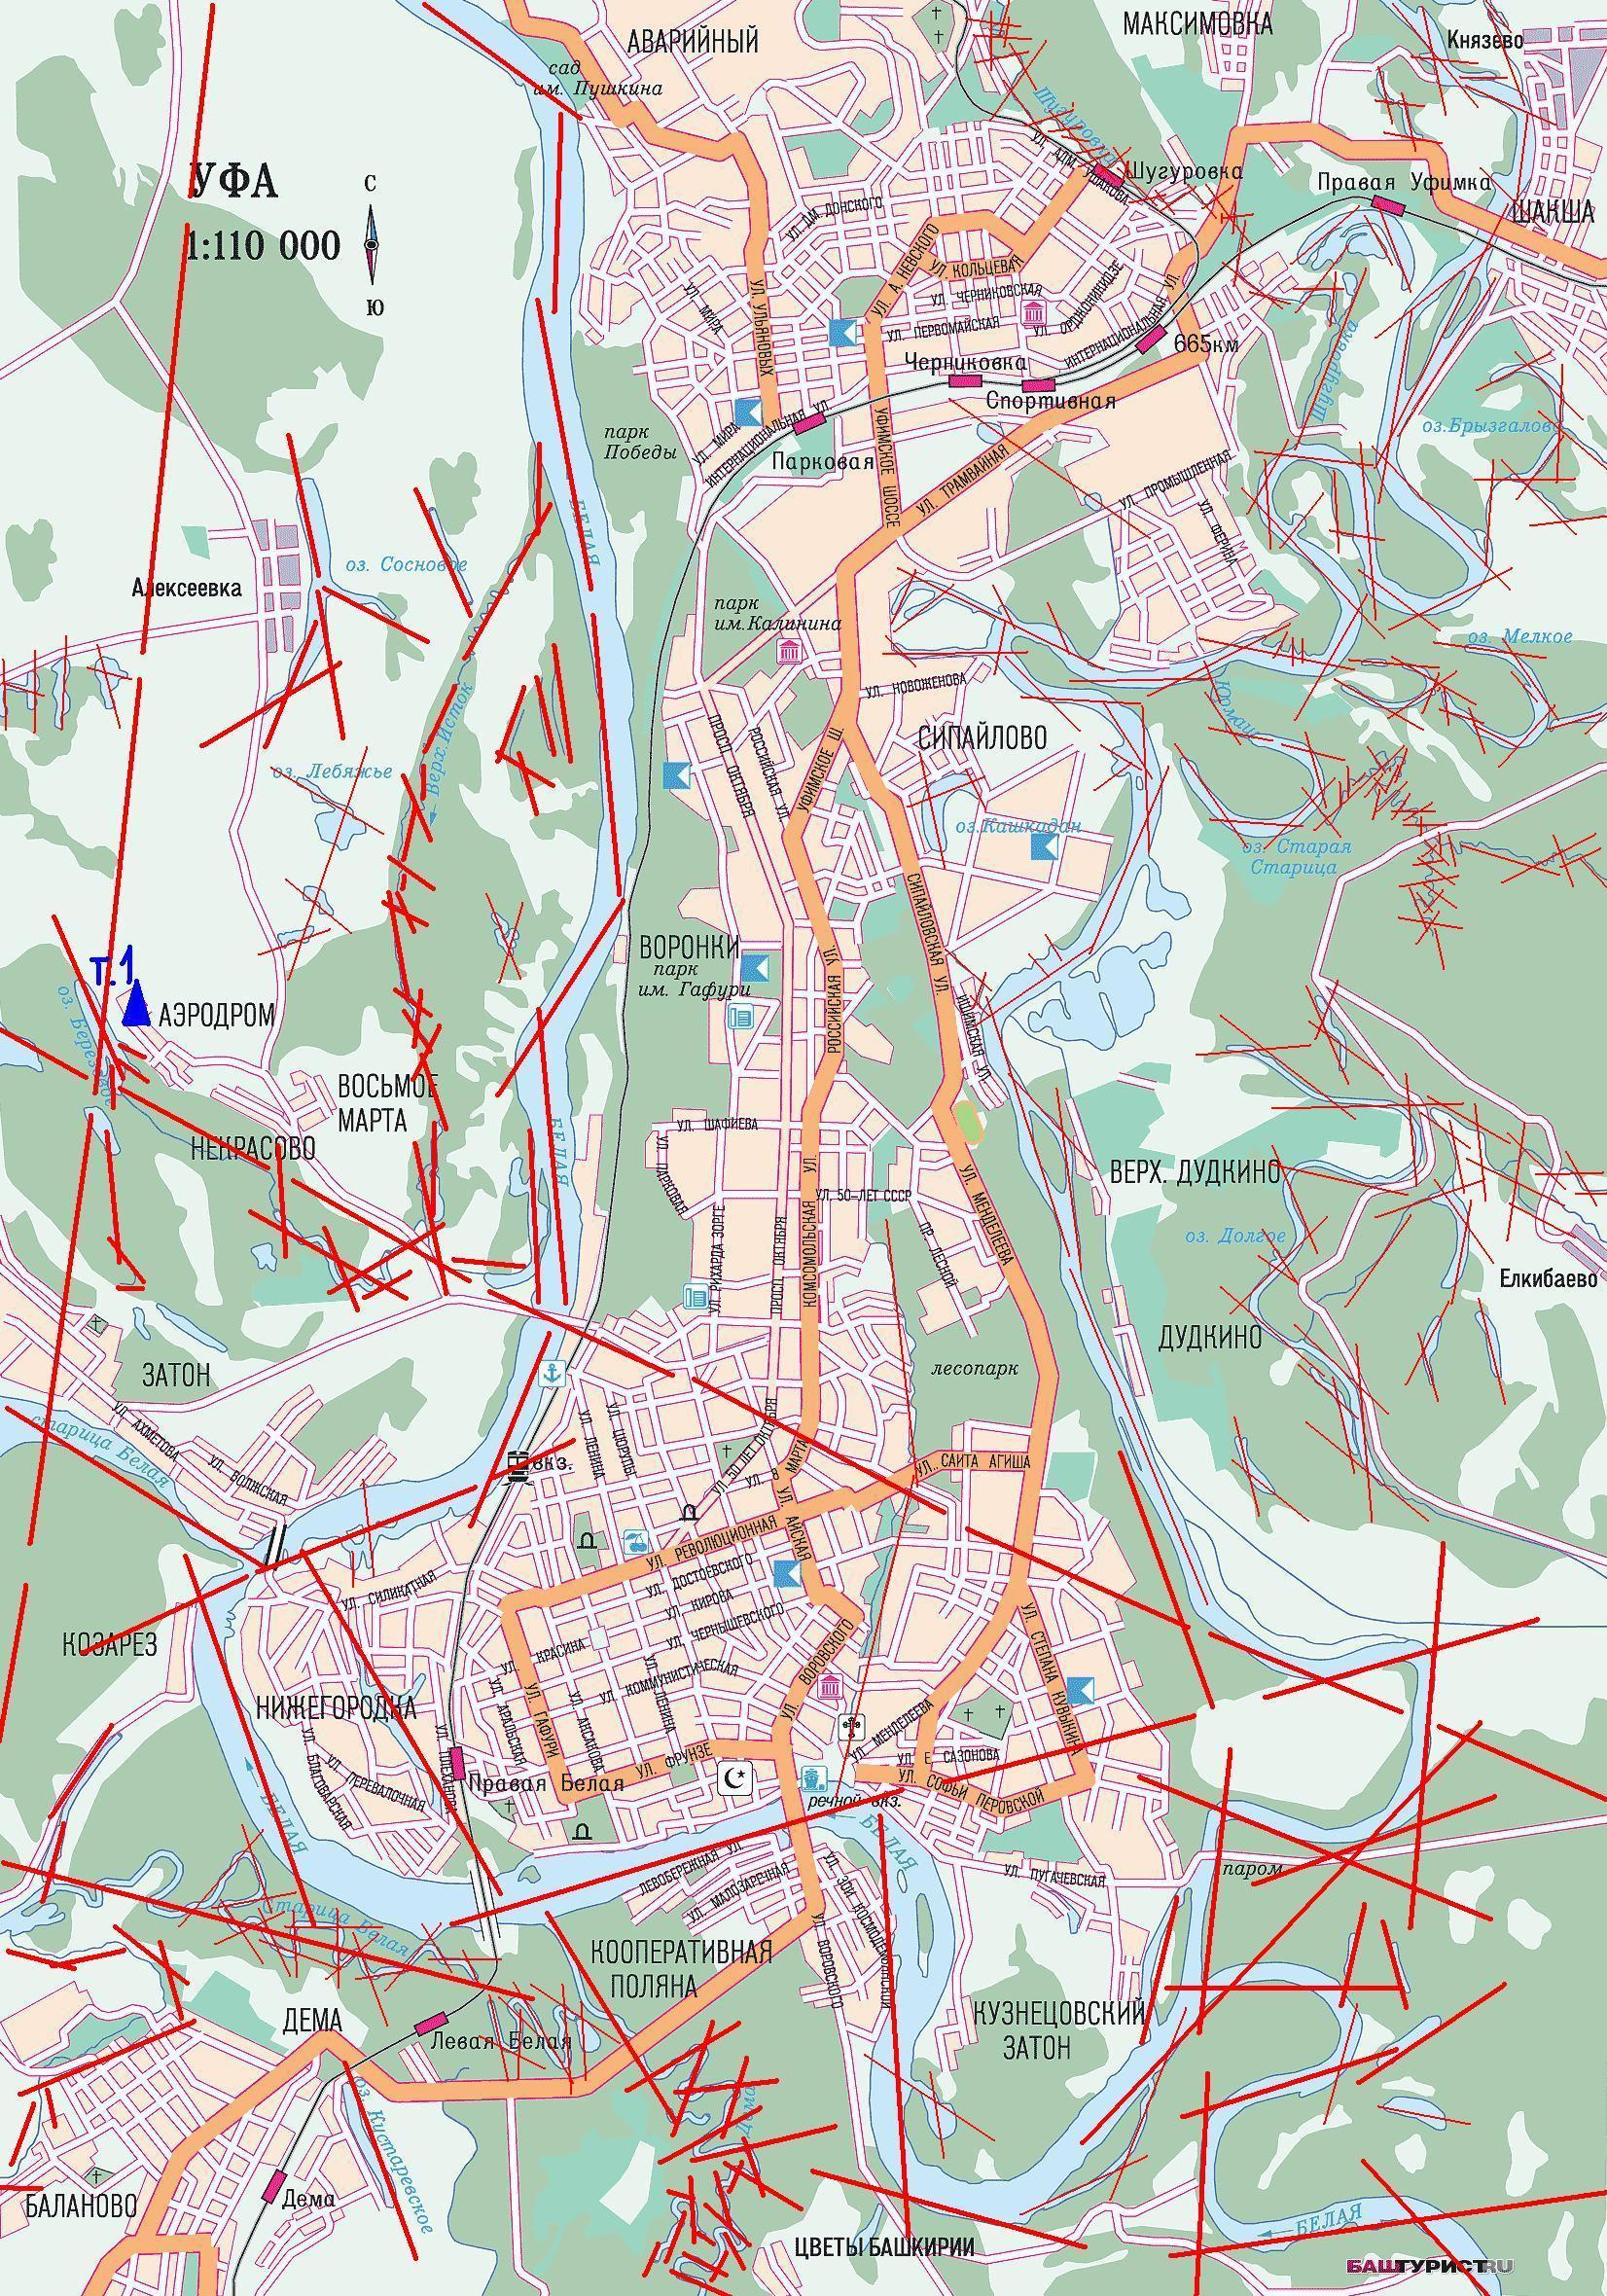 Археологическая карта киевской губернии скачать бесплатно